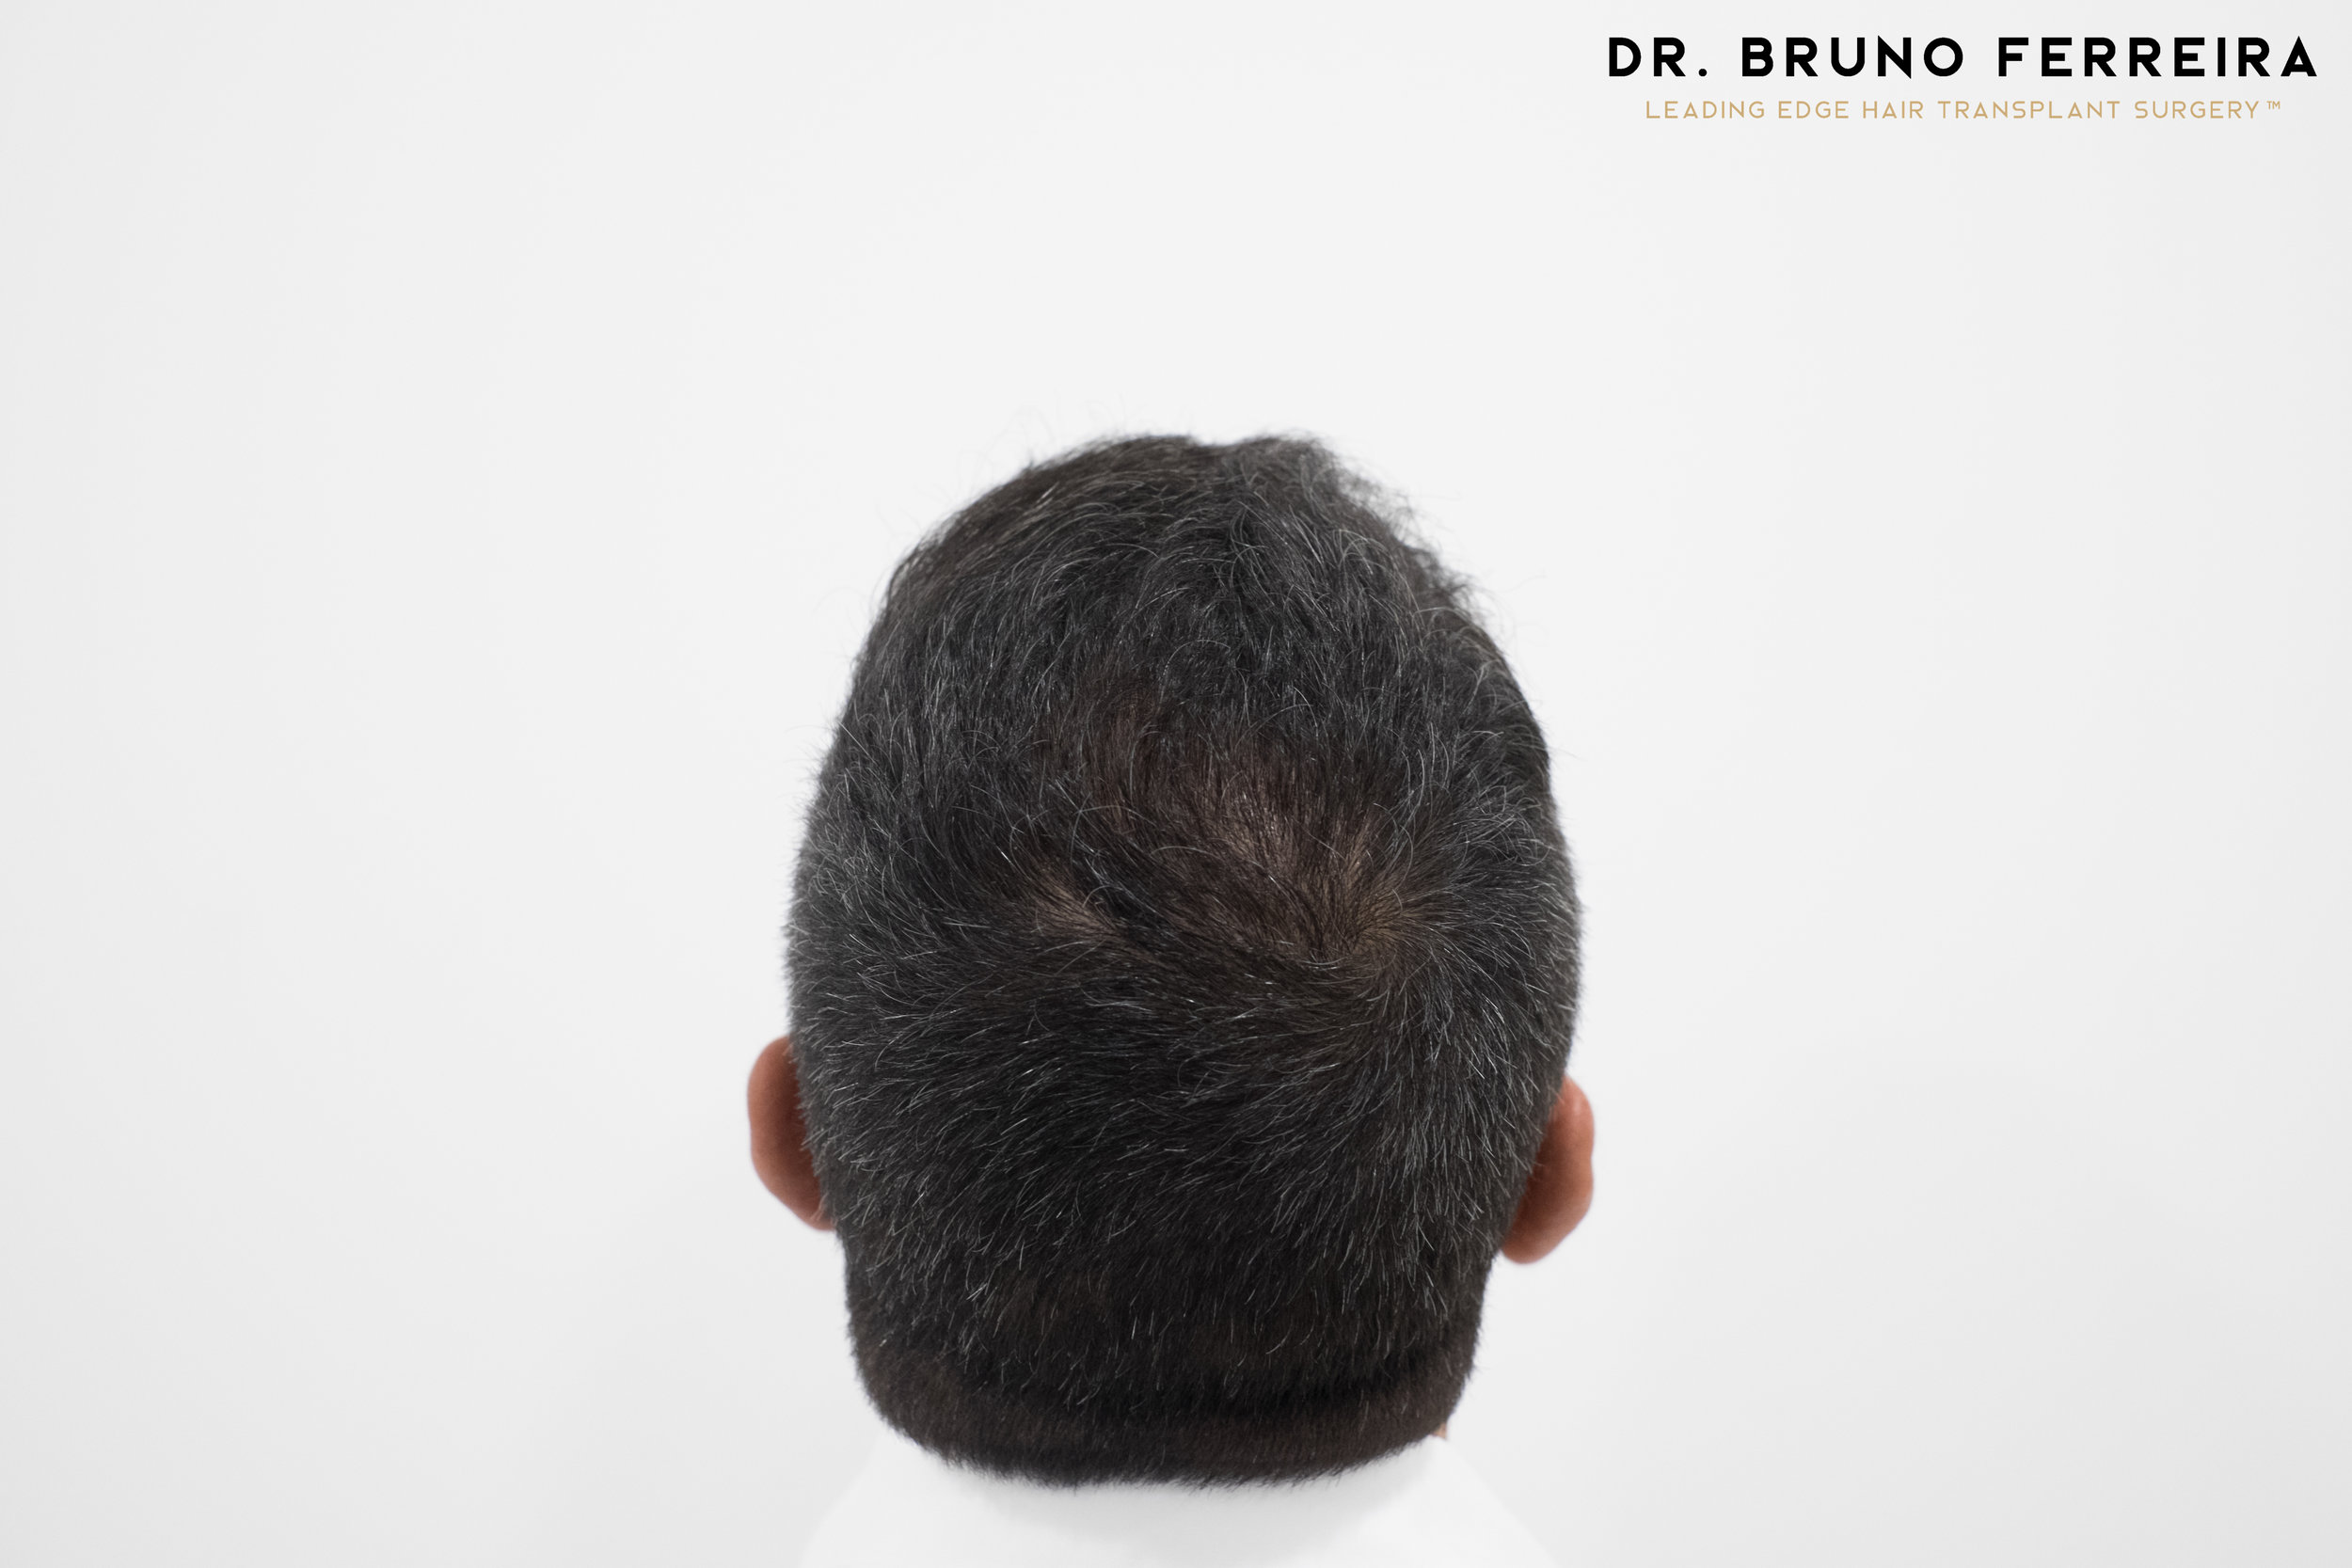 00017 DR. BRUNO FERREIRA (Case 1) - 8 months - 2.jpg